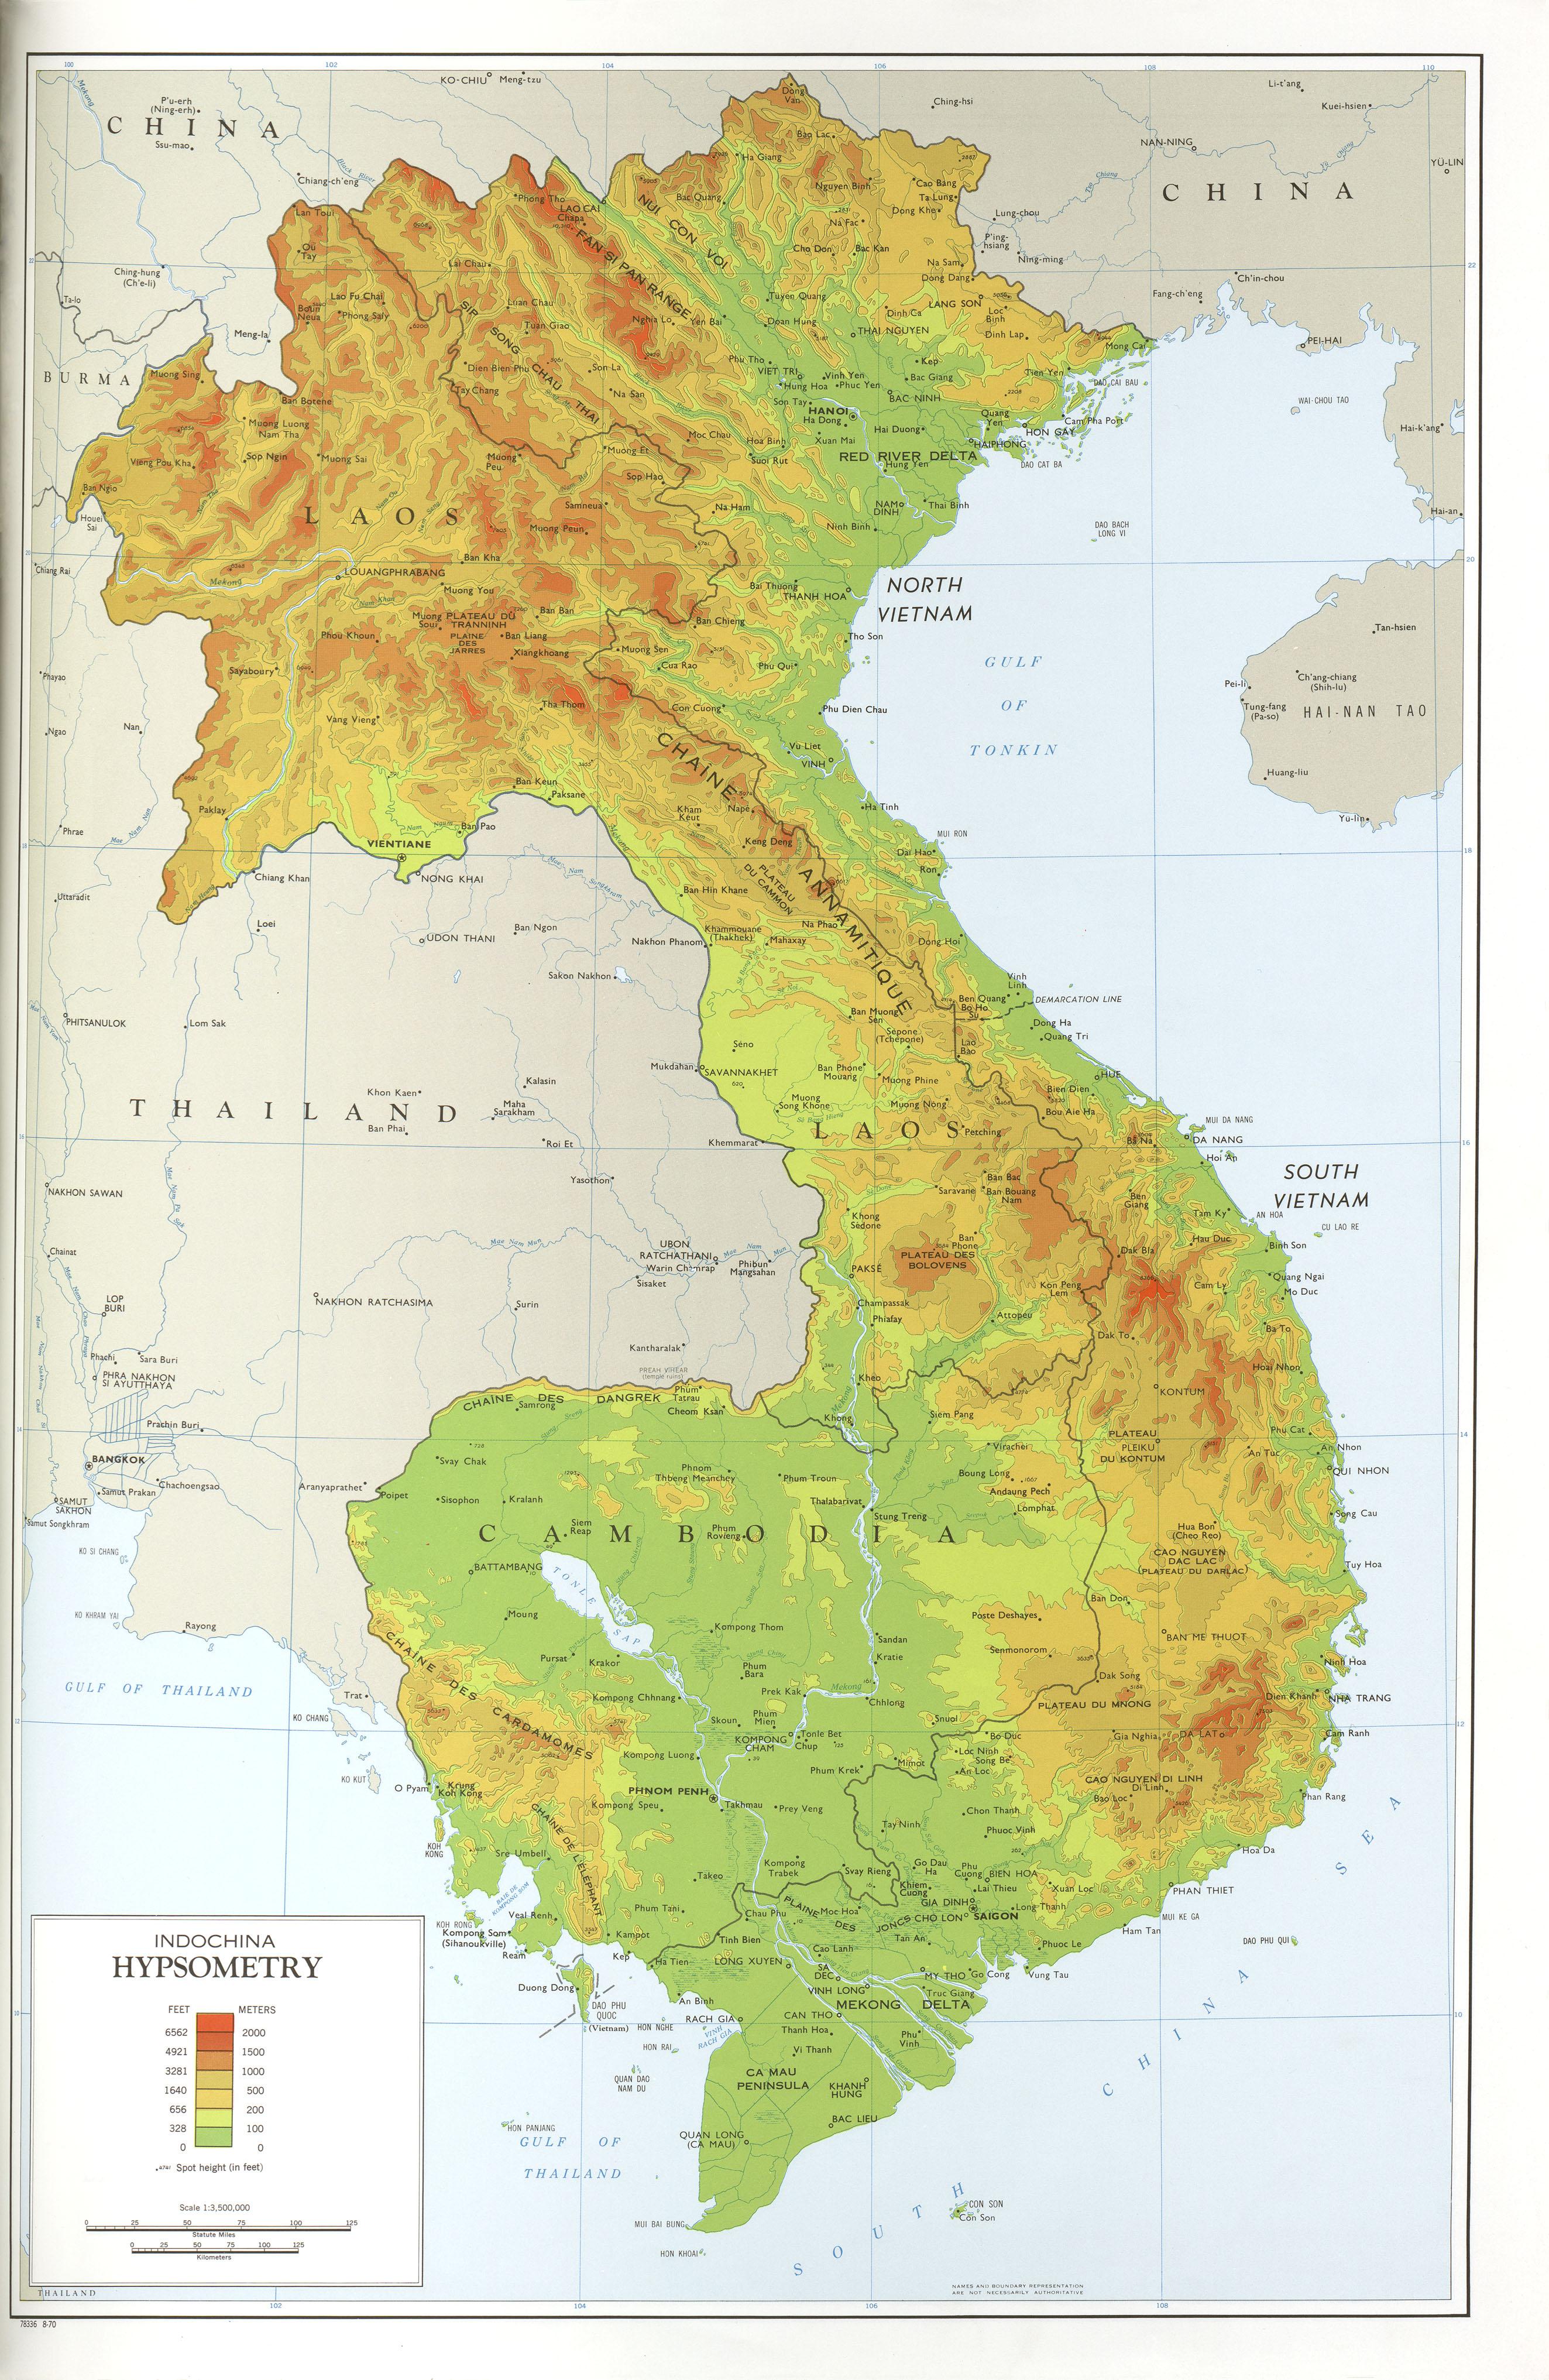 Mapa Topográfico de Indochina